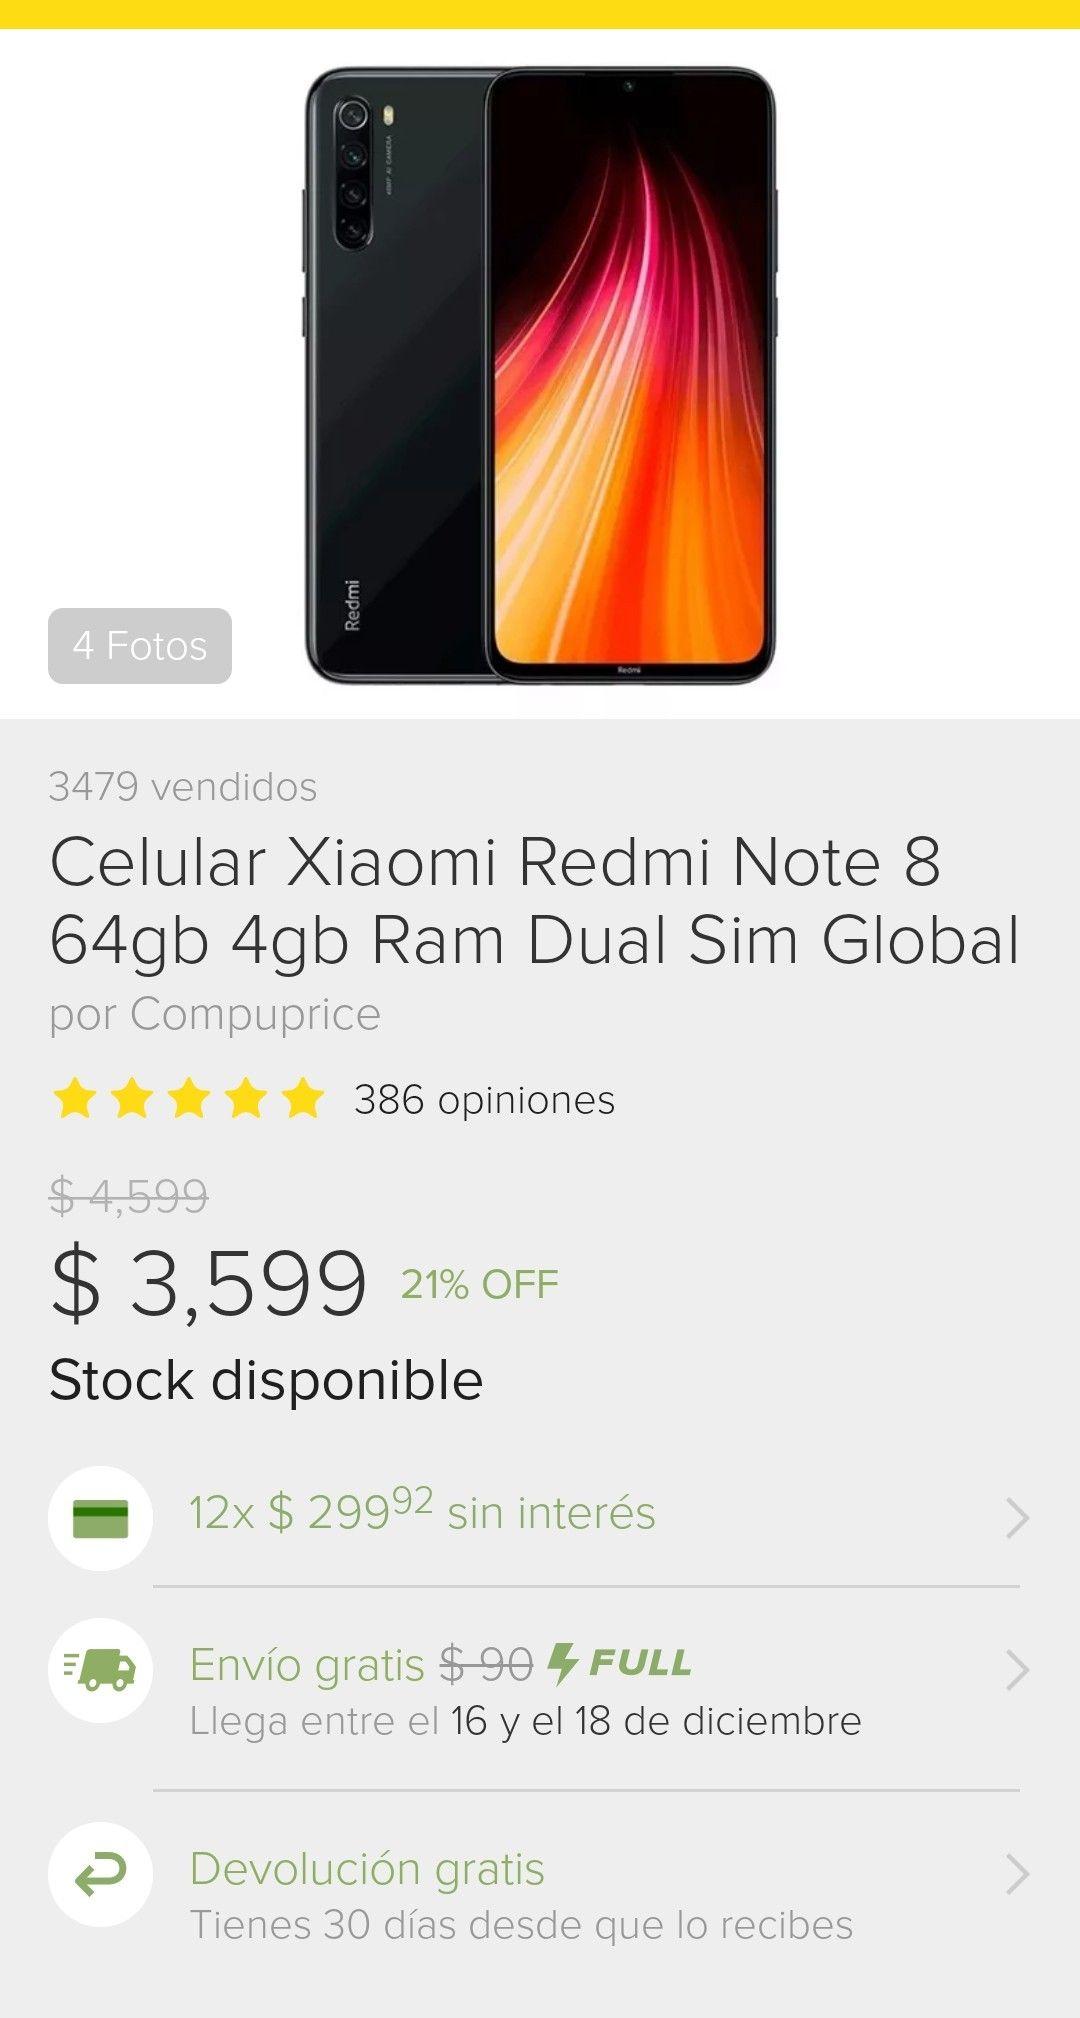 Tienda oficial Compuprice en Mercado Libre: Xiaomi Redmi Note 8 4gb Ram, 64gb de almacenamiento